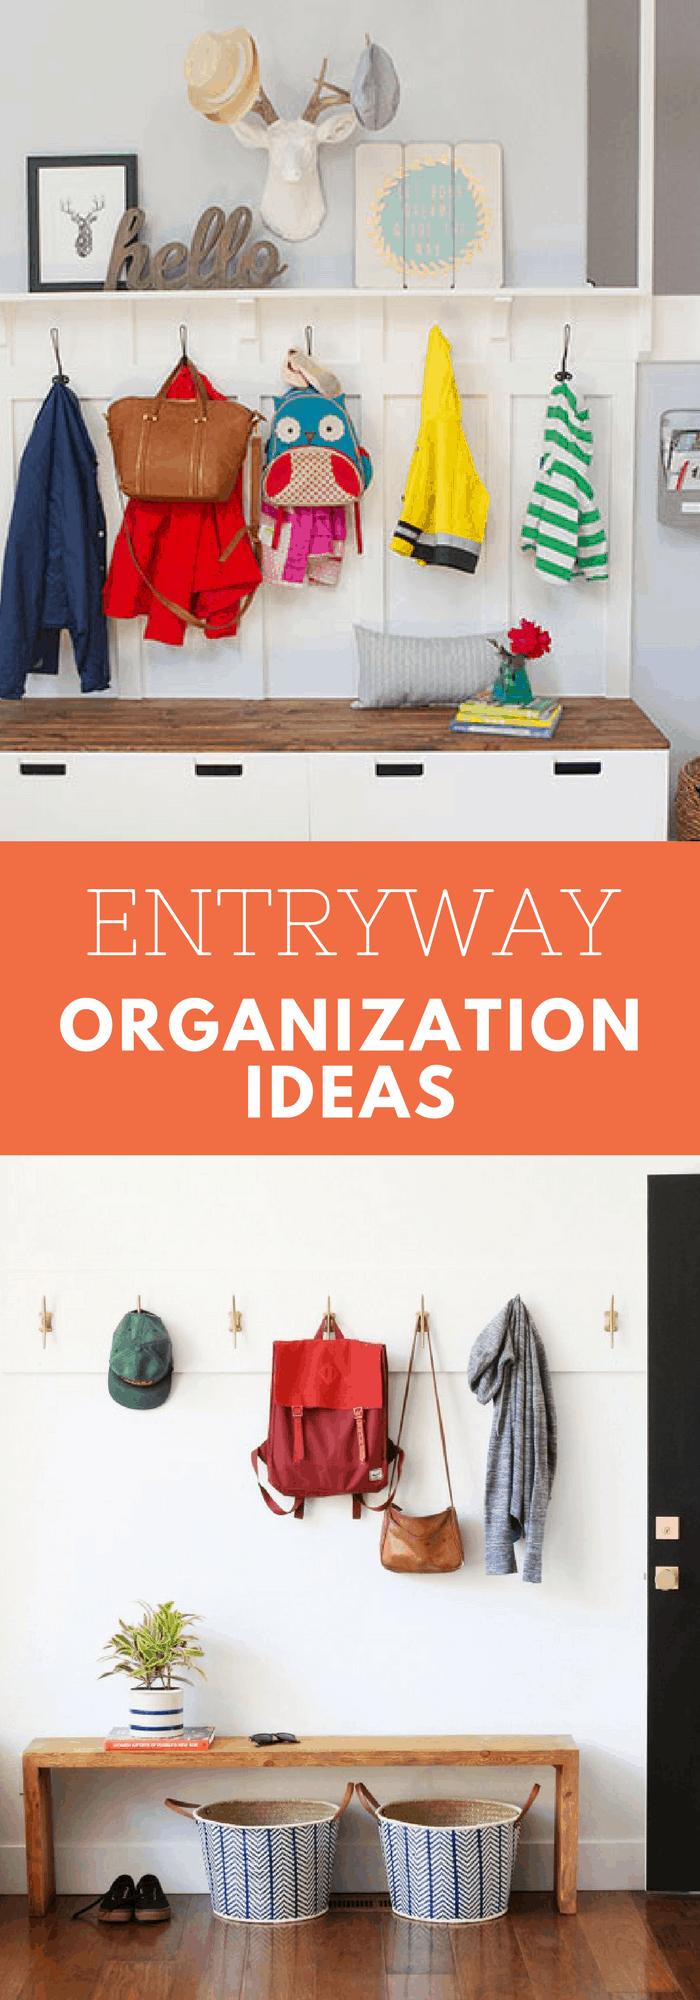 Organization-Entryway Organization Ideas-The Organized Mom